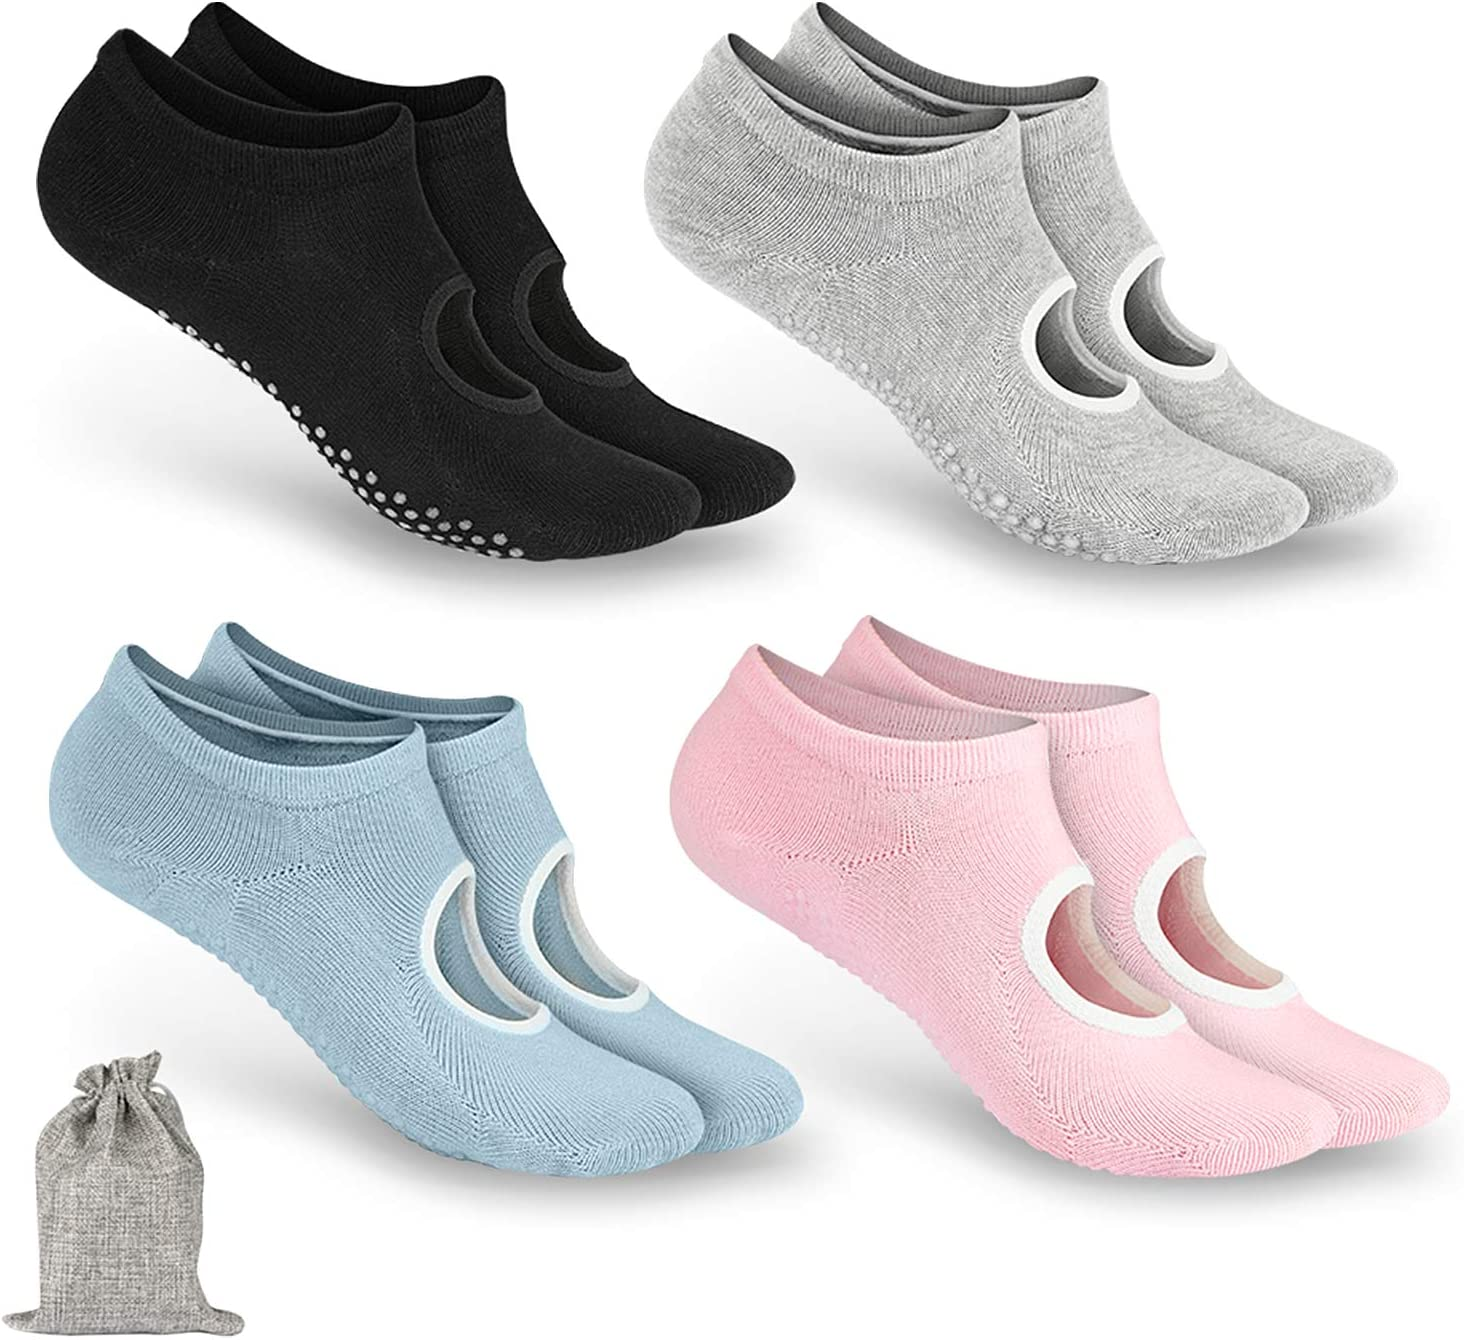 Pack de 4 pares de calcetines antideslizantes por sólo 7,99€ con el #código: VB4ZXDXG